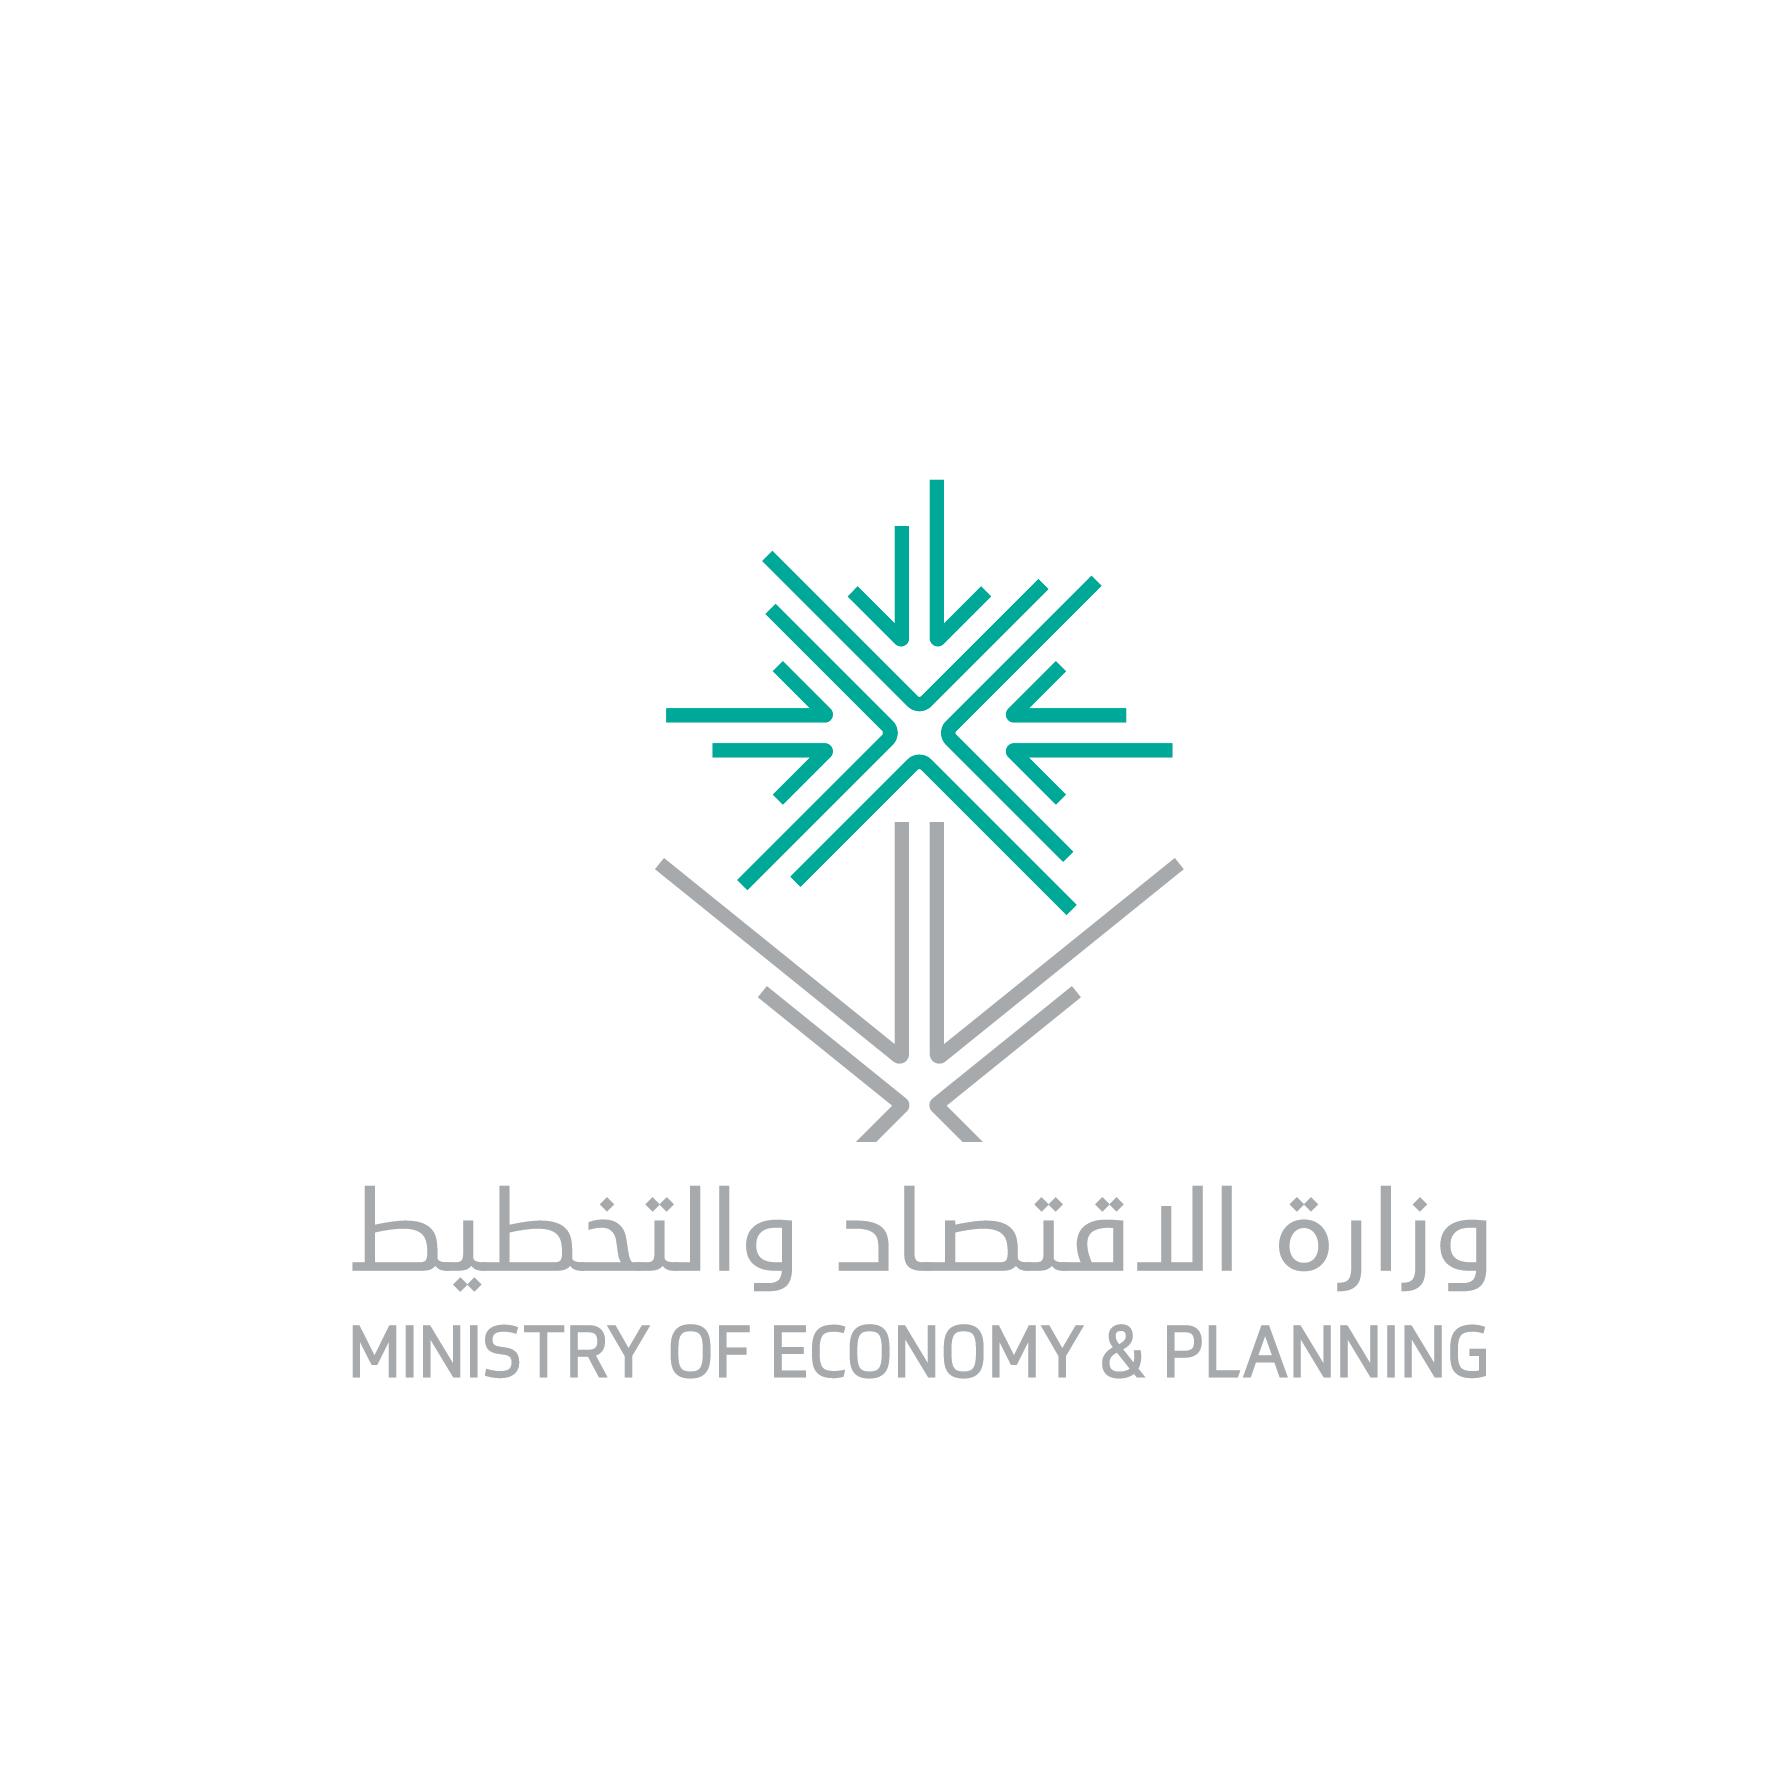 وزارة الاقتصاد و التخطيط